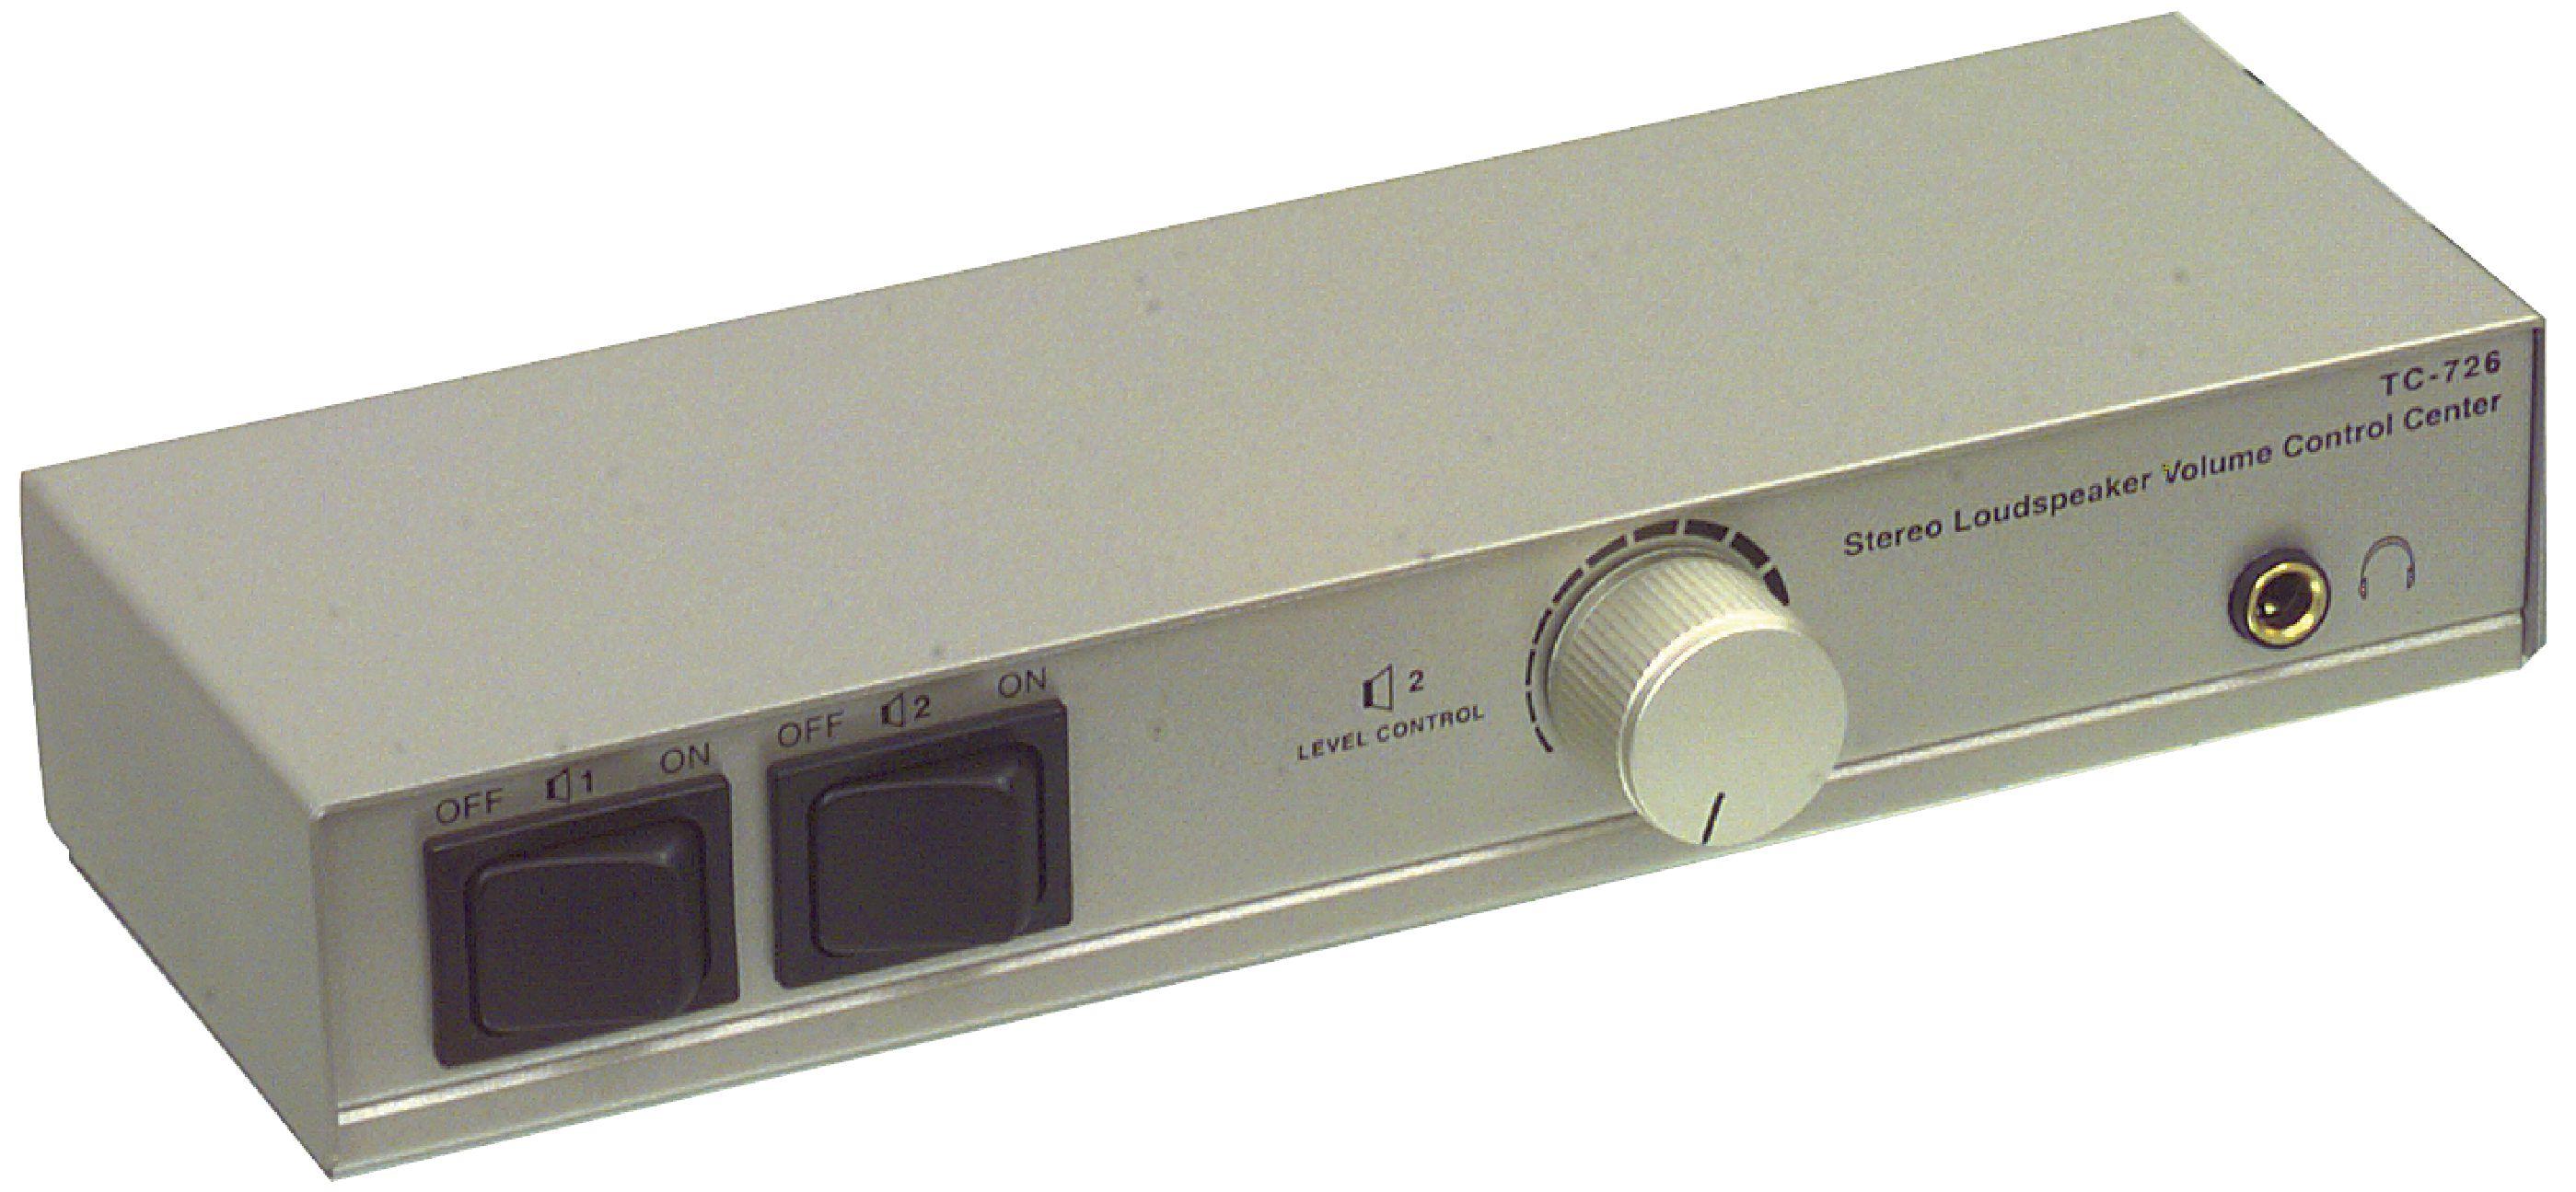 Přepínač a regulátor hlasitosti pro 2 páry reproduktorů, TC726